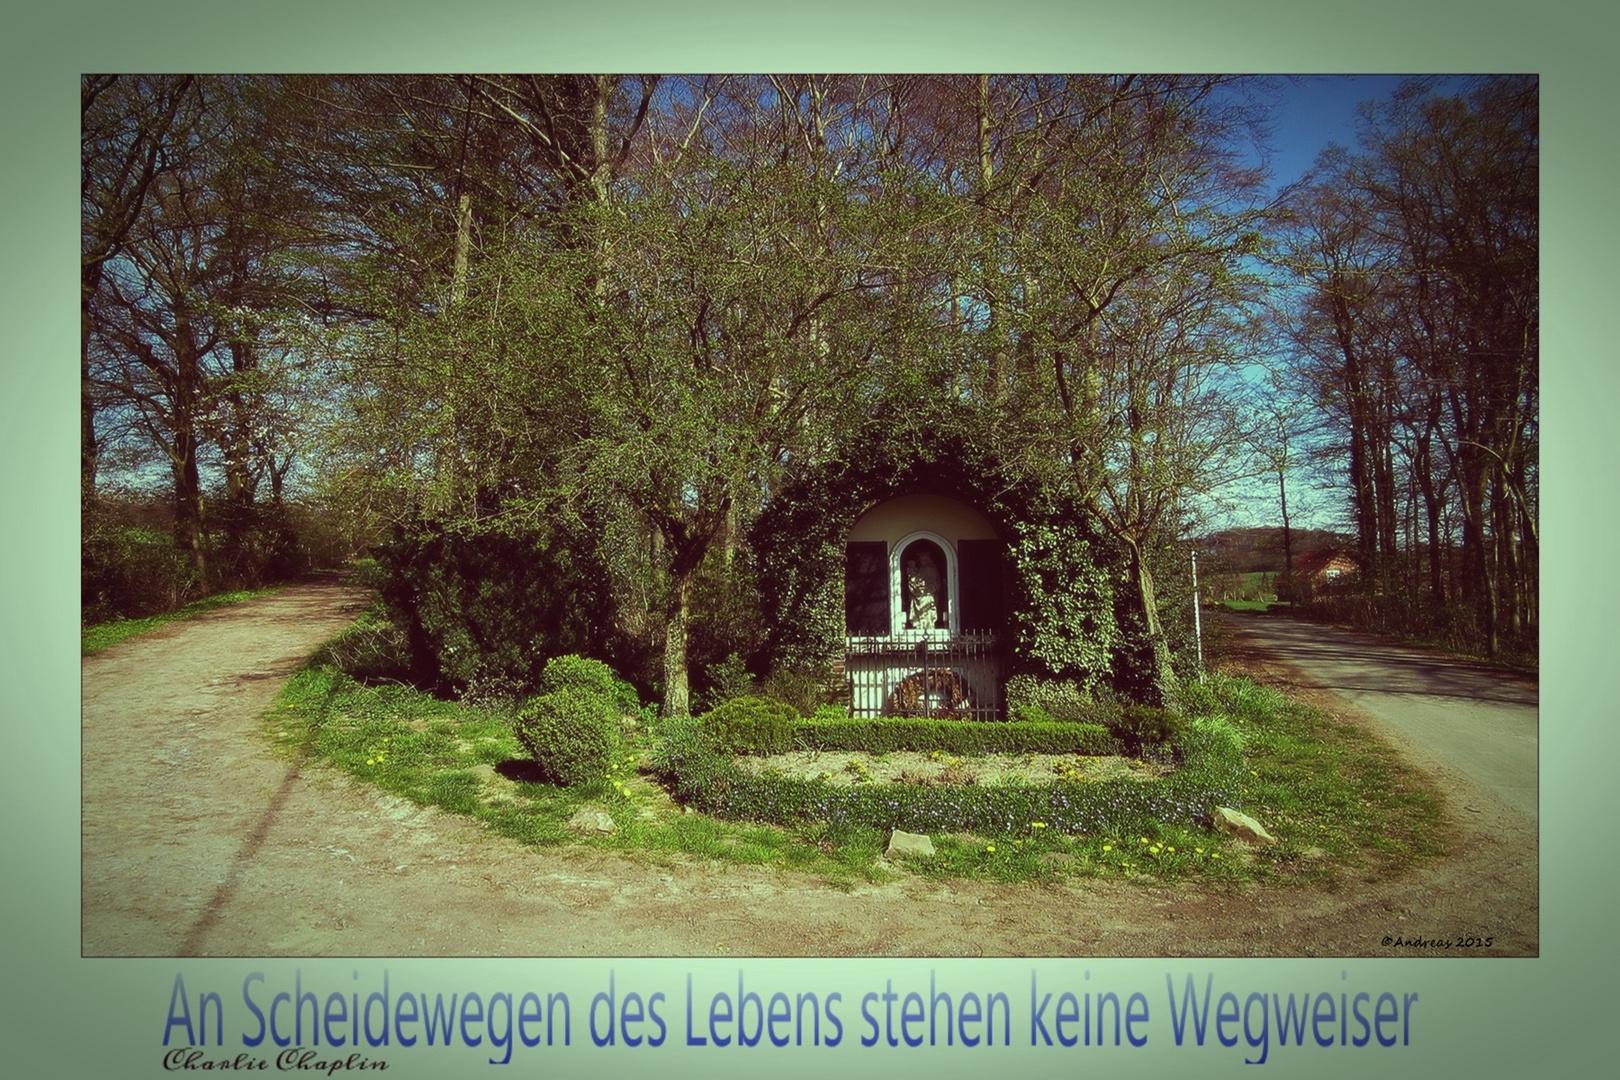 Wegebild Foto Bild Karten Und Kalender Karten Sprüche